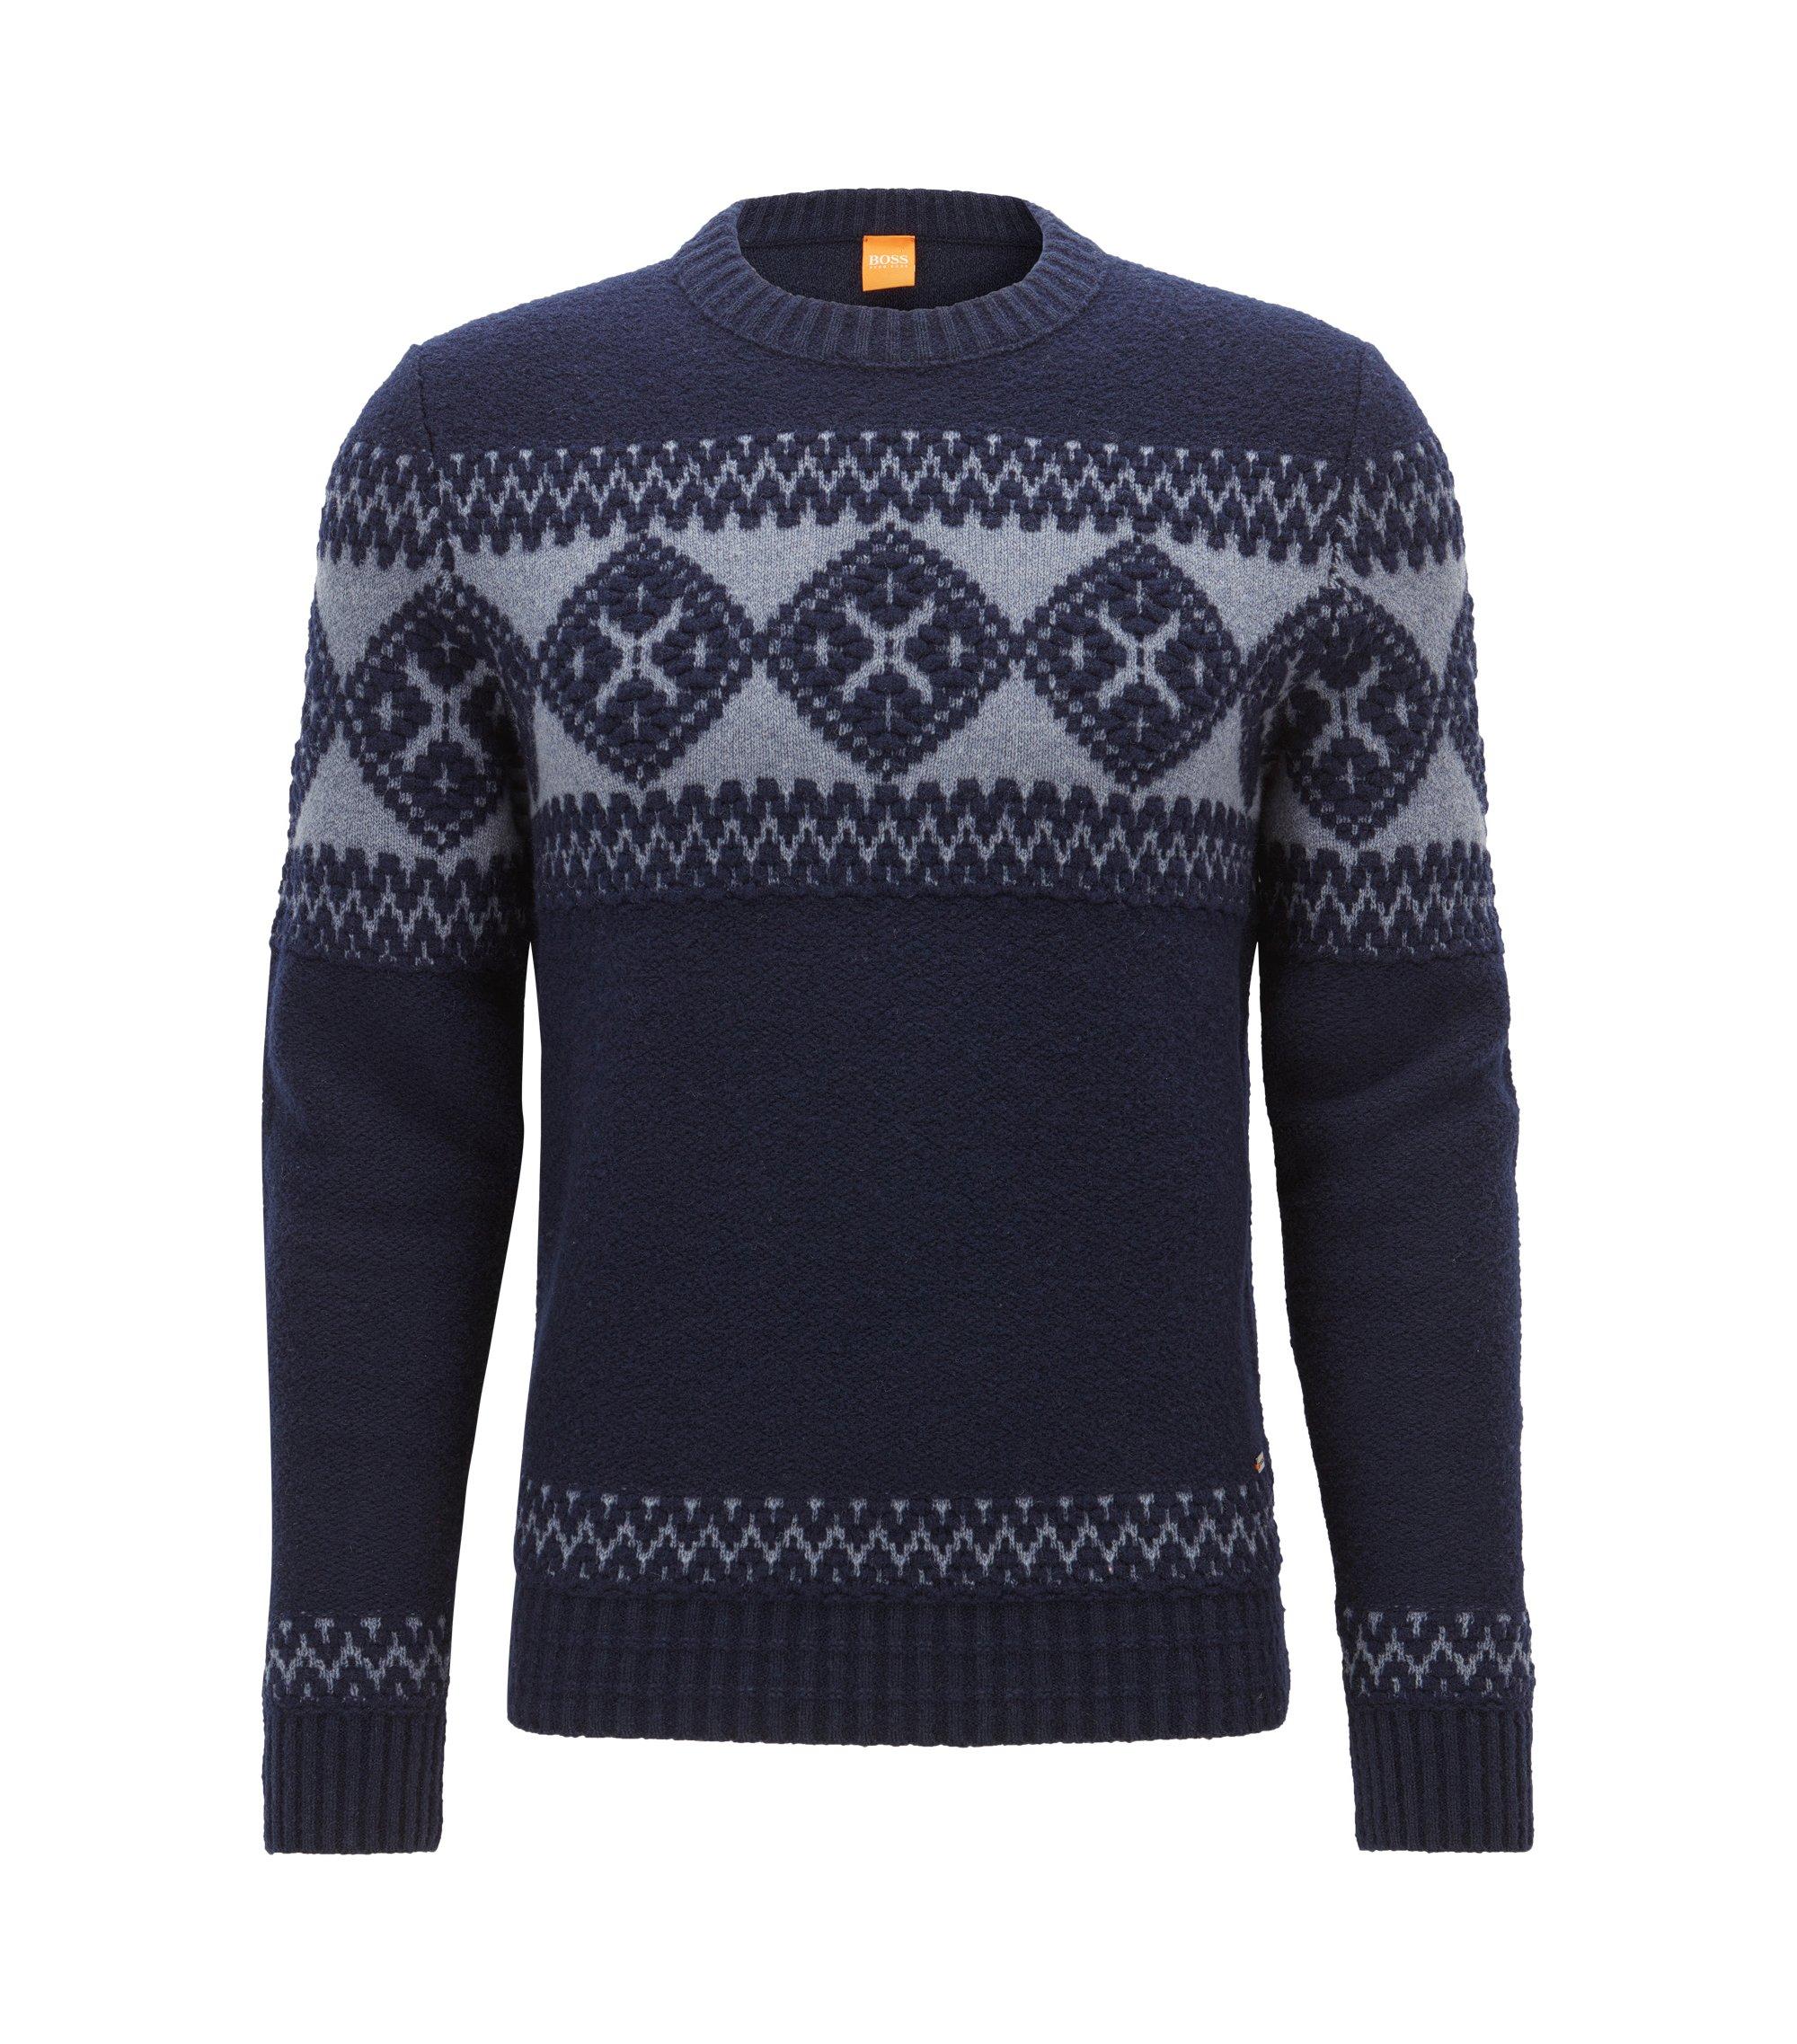 Jersey de punto en mezcla de lana virgen, Azul oscuro